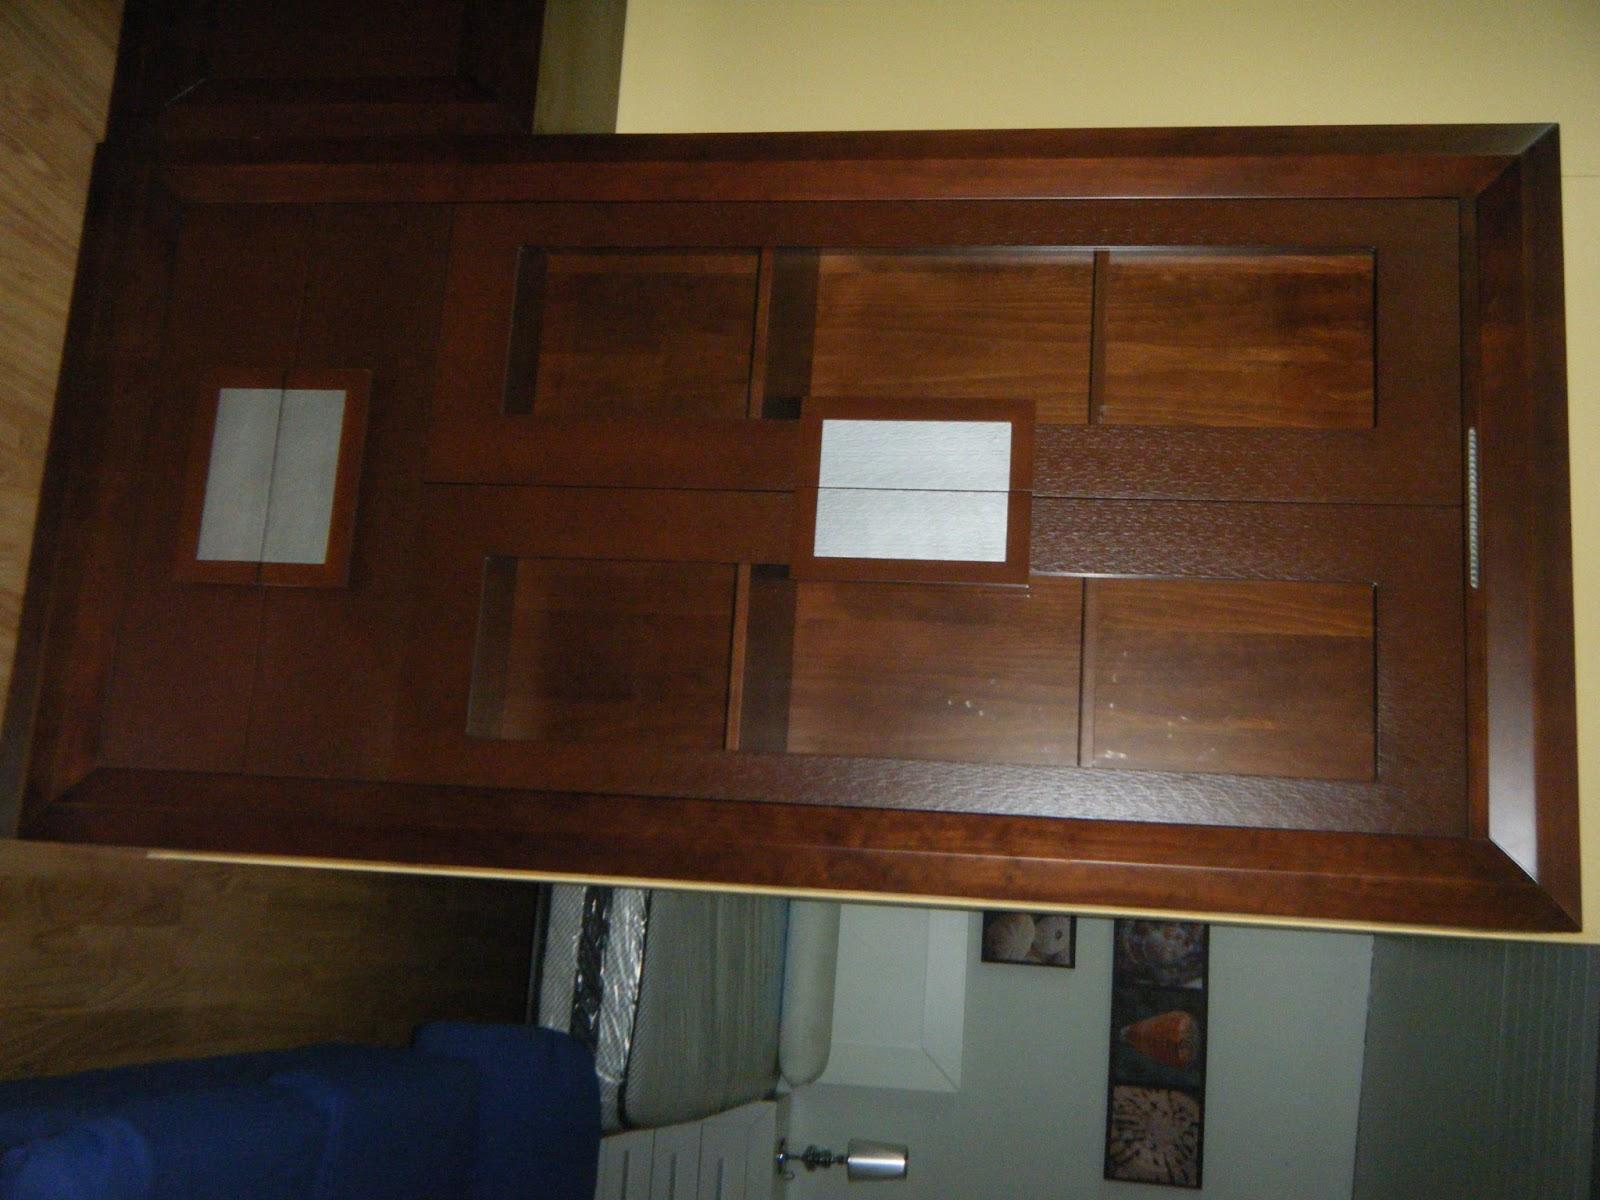 Muebles y carpinteria capita nuevo mueble en exposicion - Salones de madera maciza ...